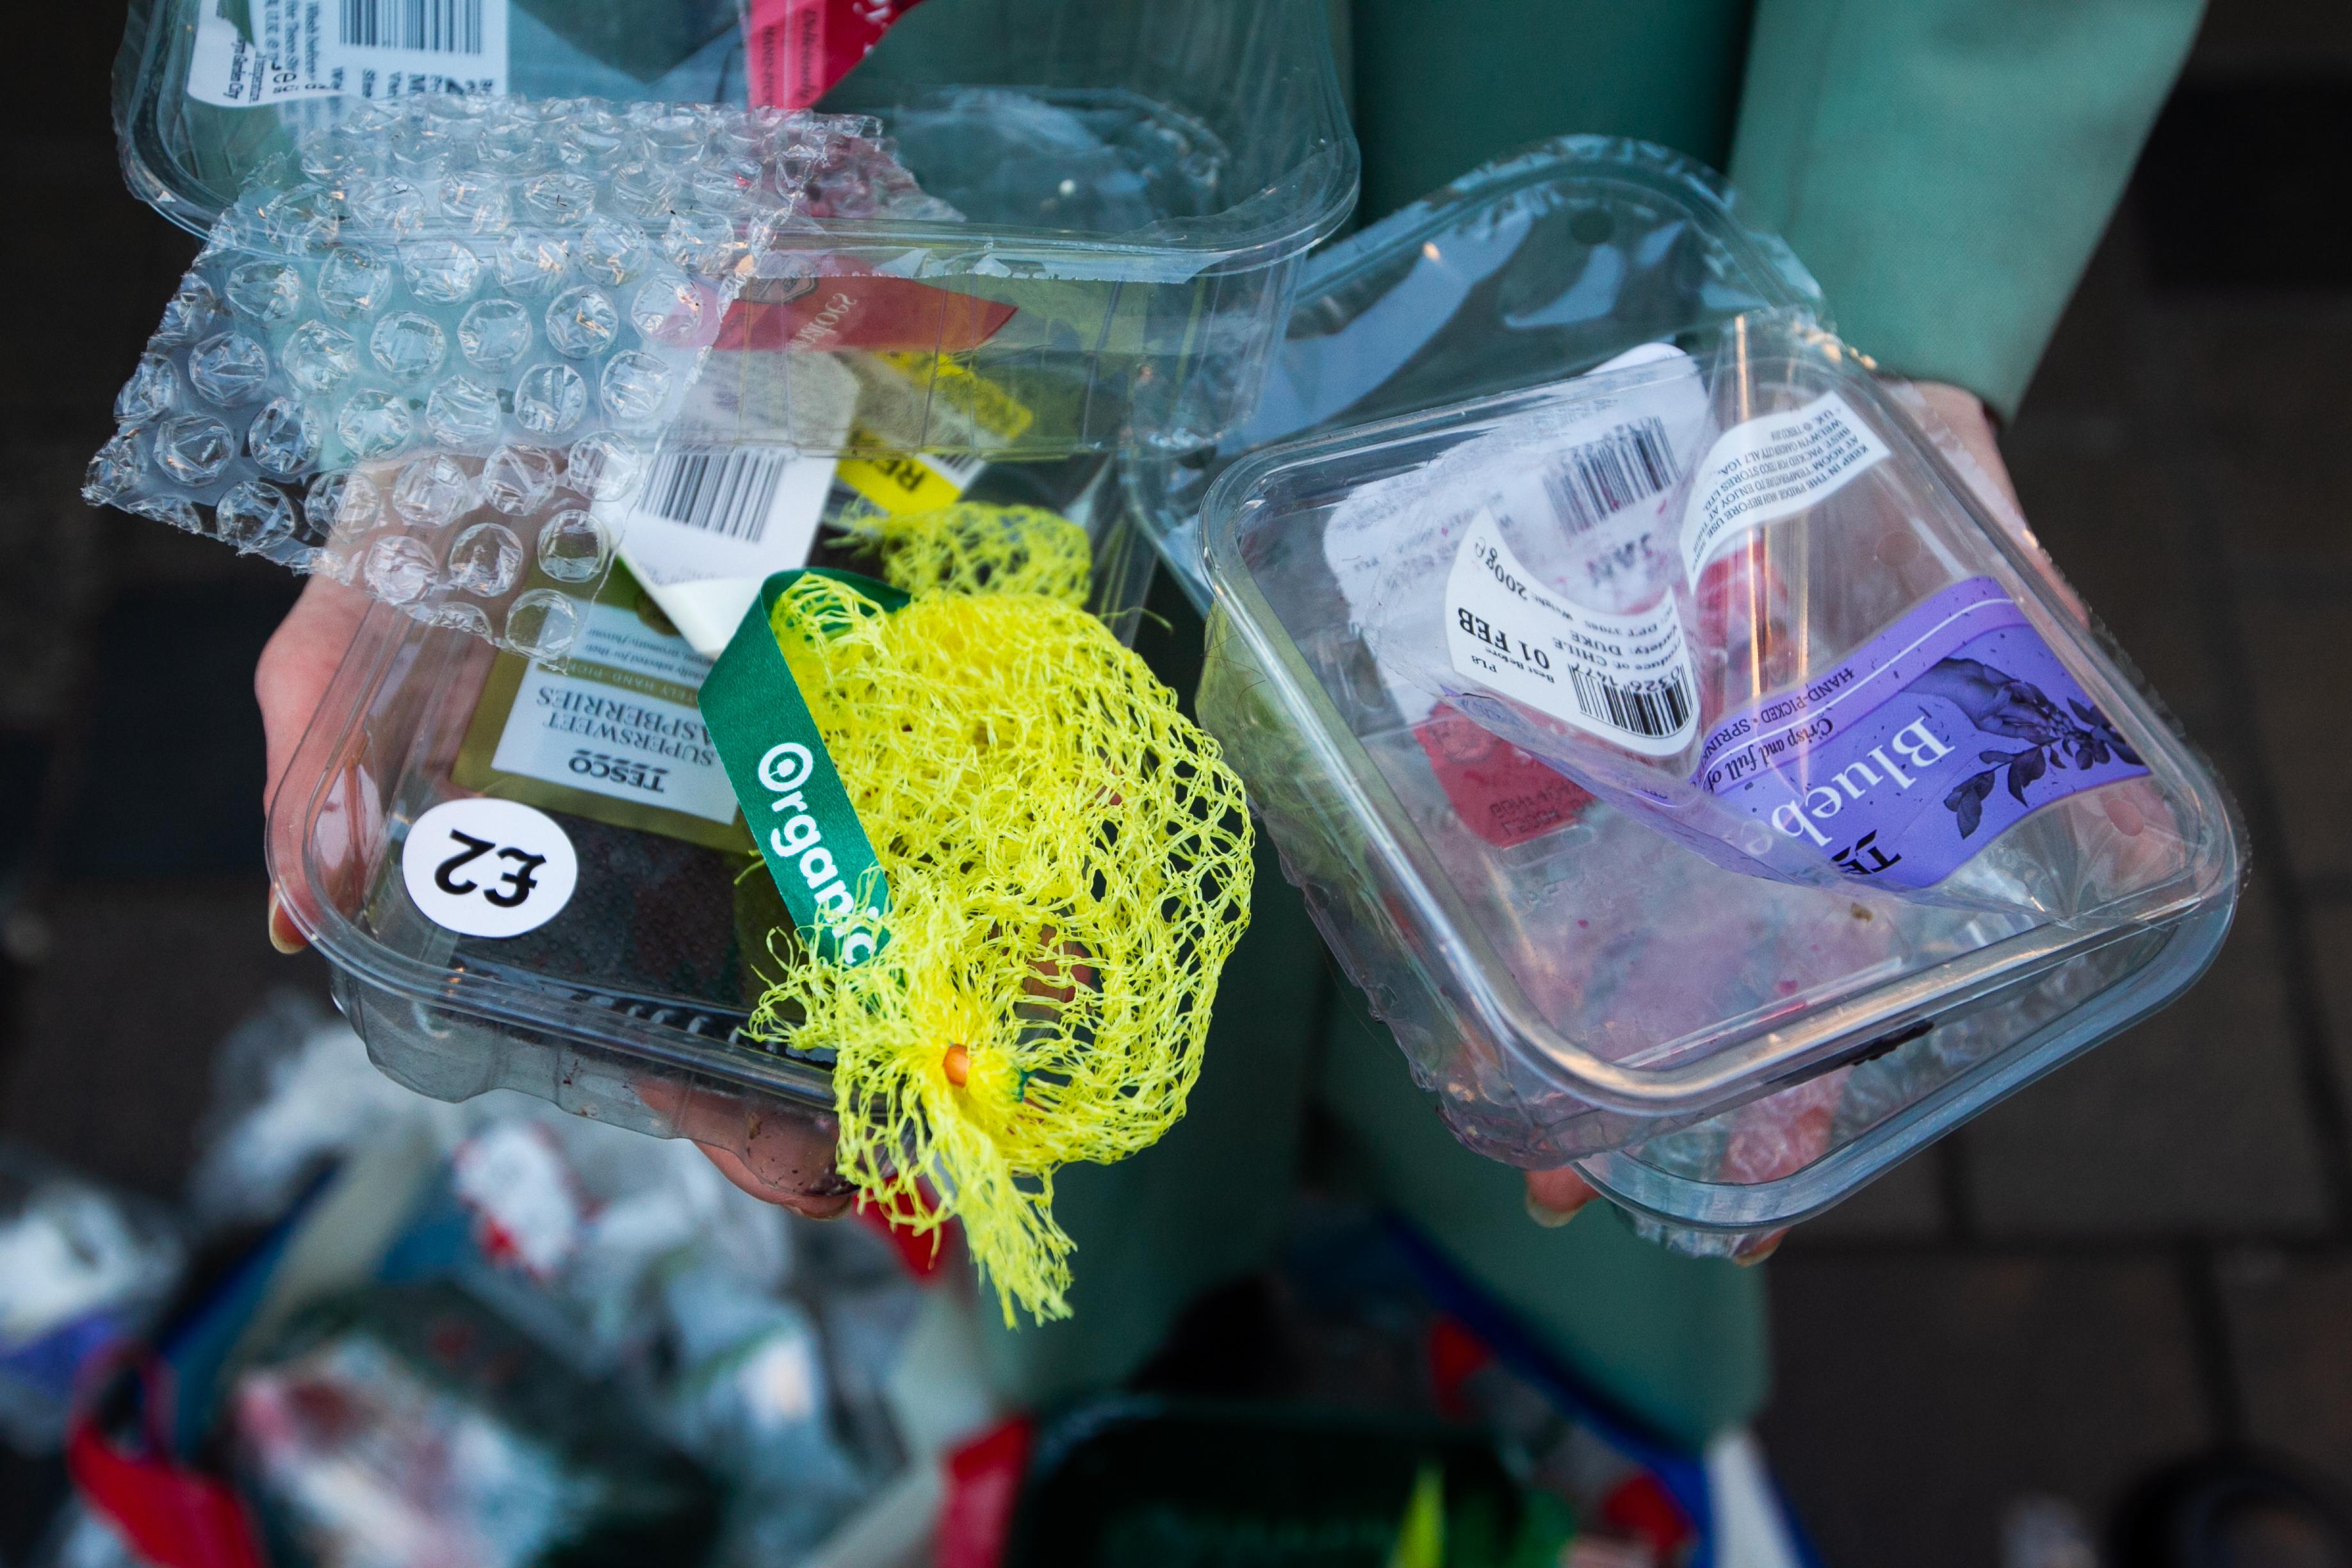 Supermarket packaging.